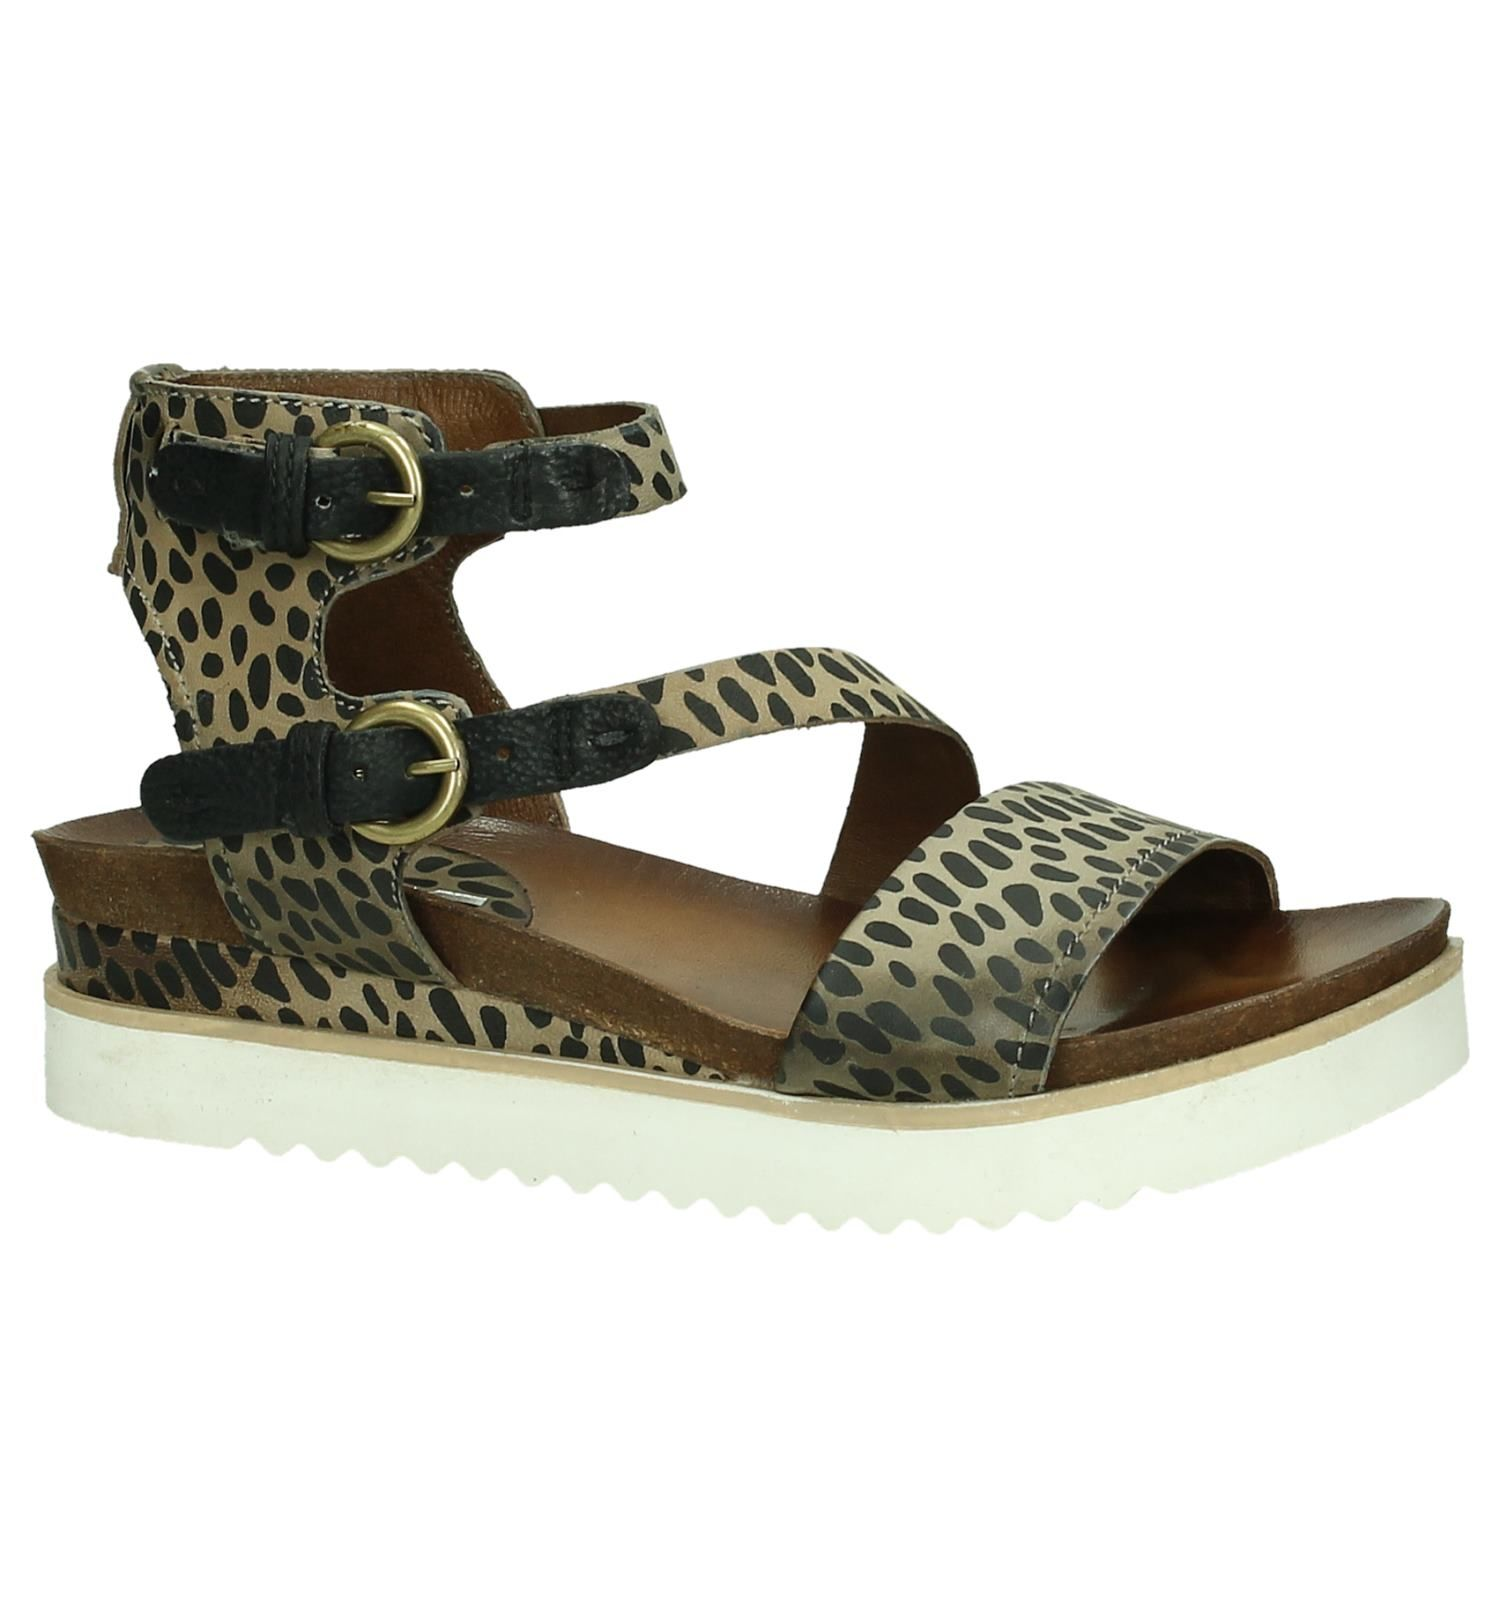 92501dff686fd1 De mooiste sandalen van Mjus vind je nu ook in de uitverkoop bij Aldoor! #